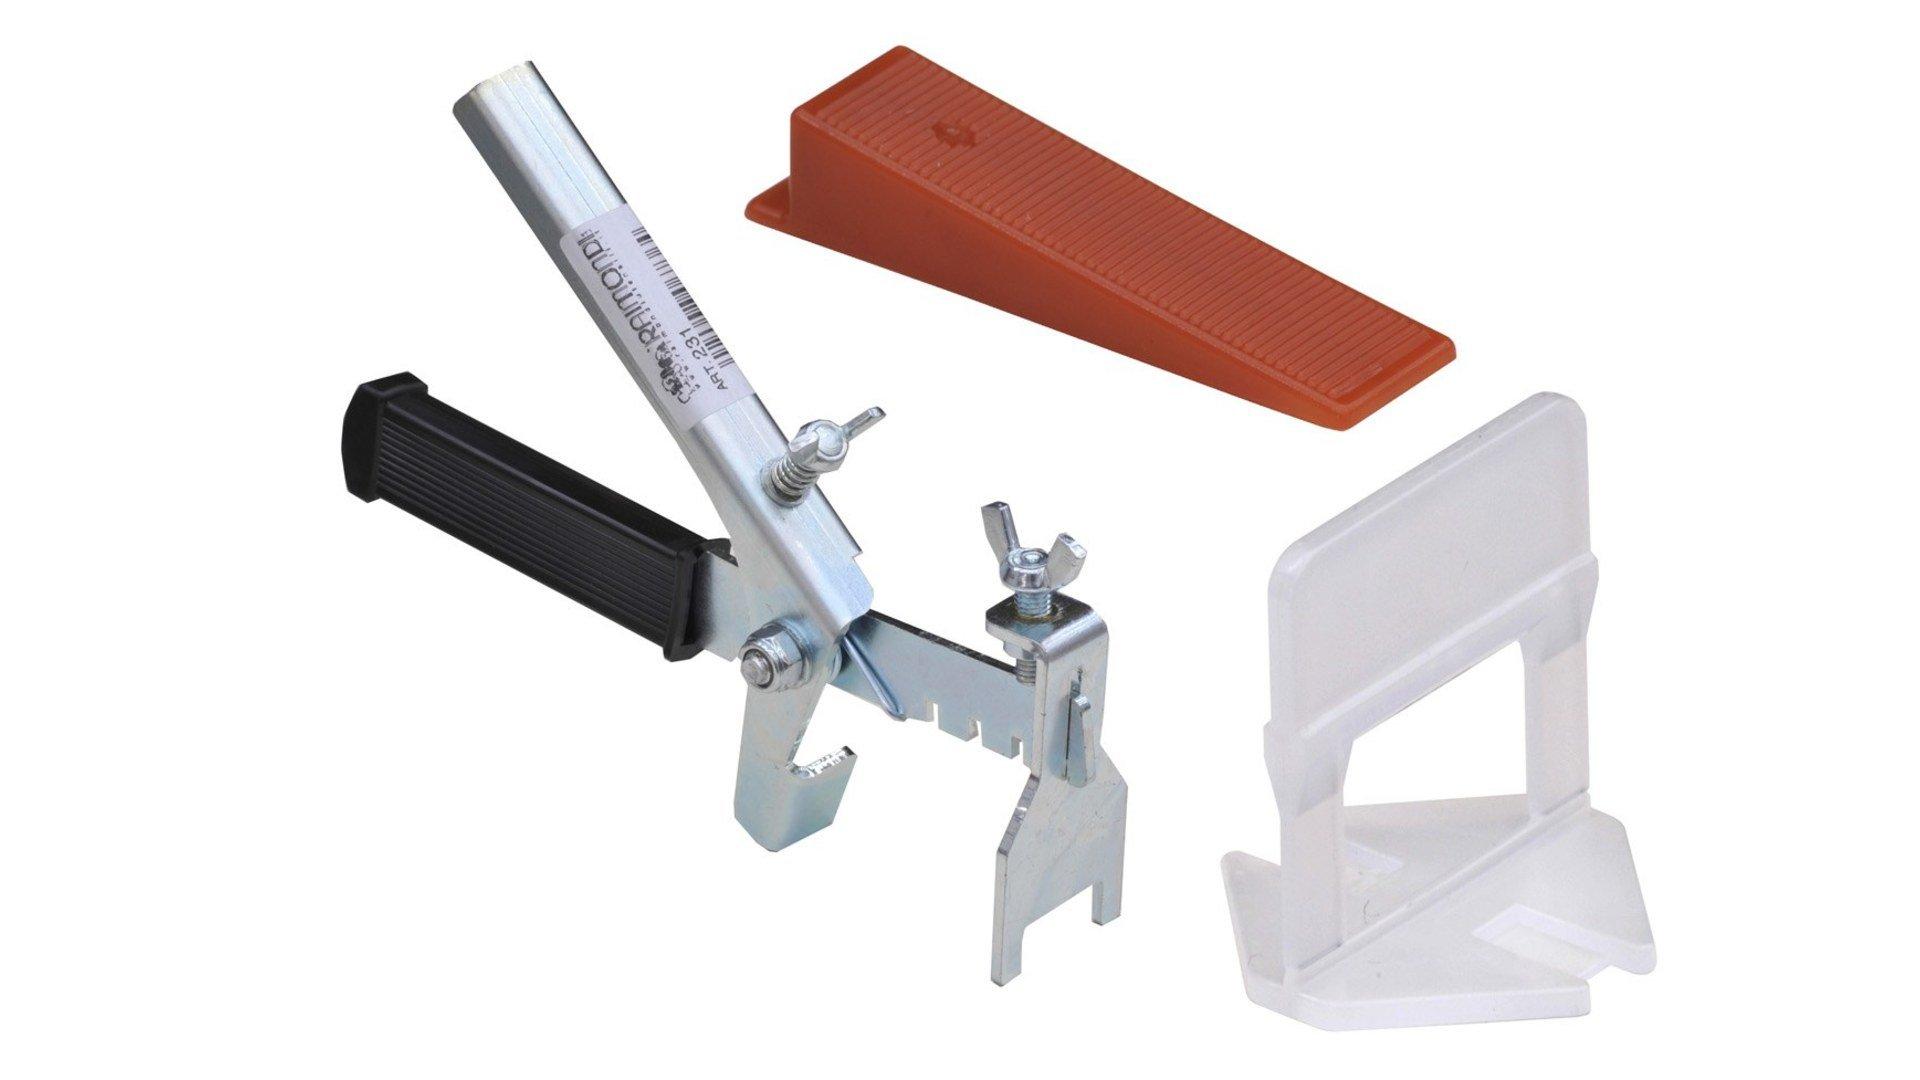 kit-kiler-og-klips-a-100-stk-og-tang-for-planering-av-fliser-hd-100910